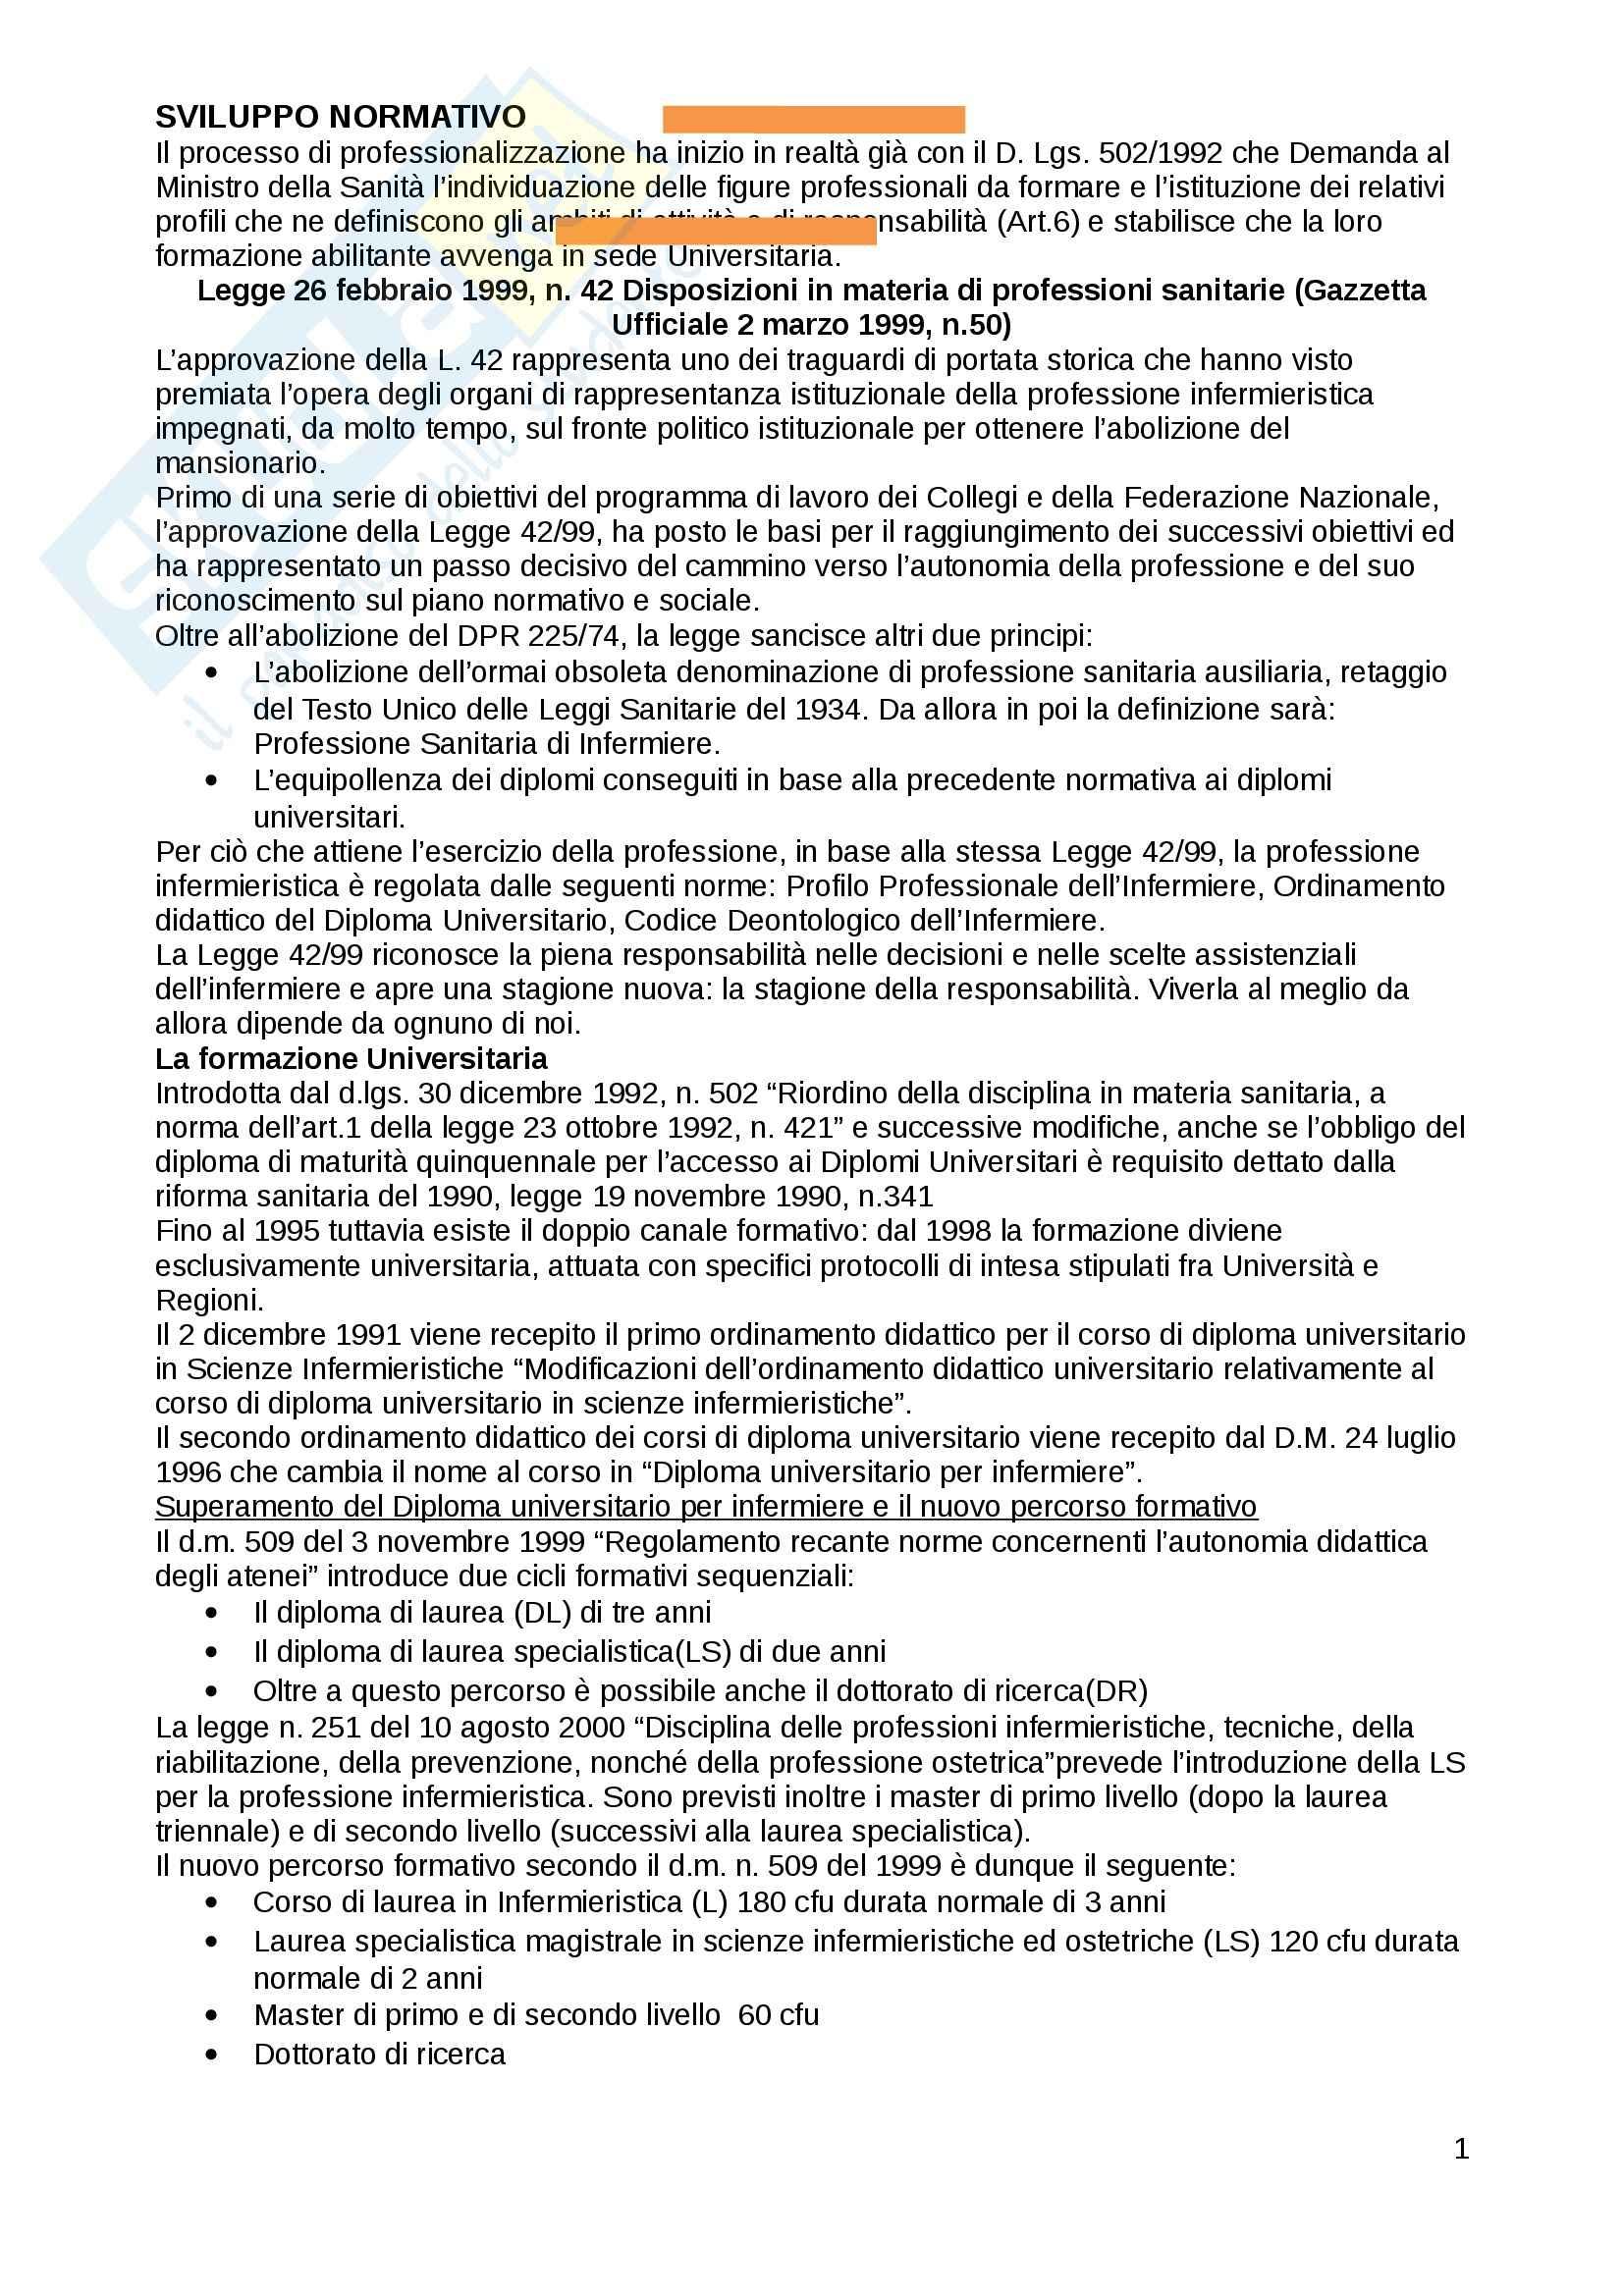 Infermieristica - legislazione sanitaria